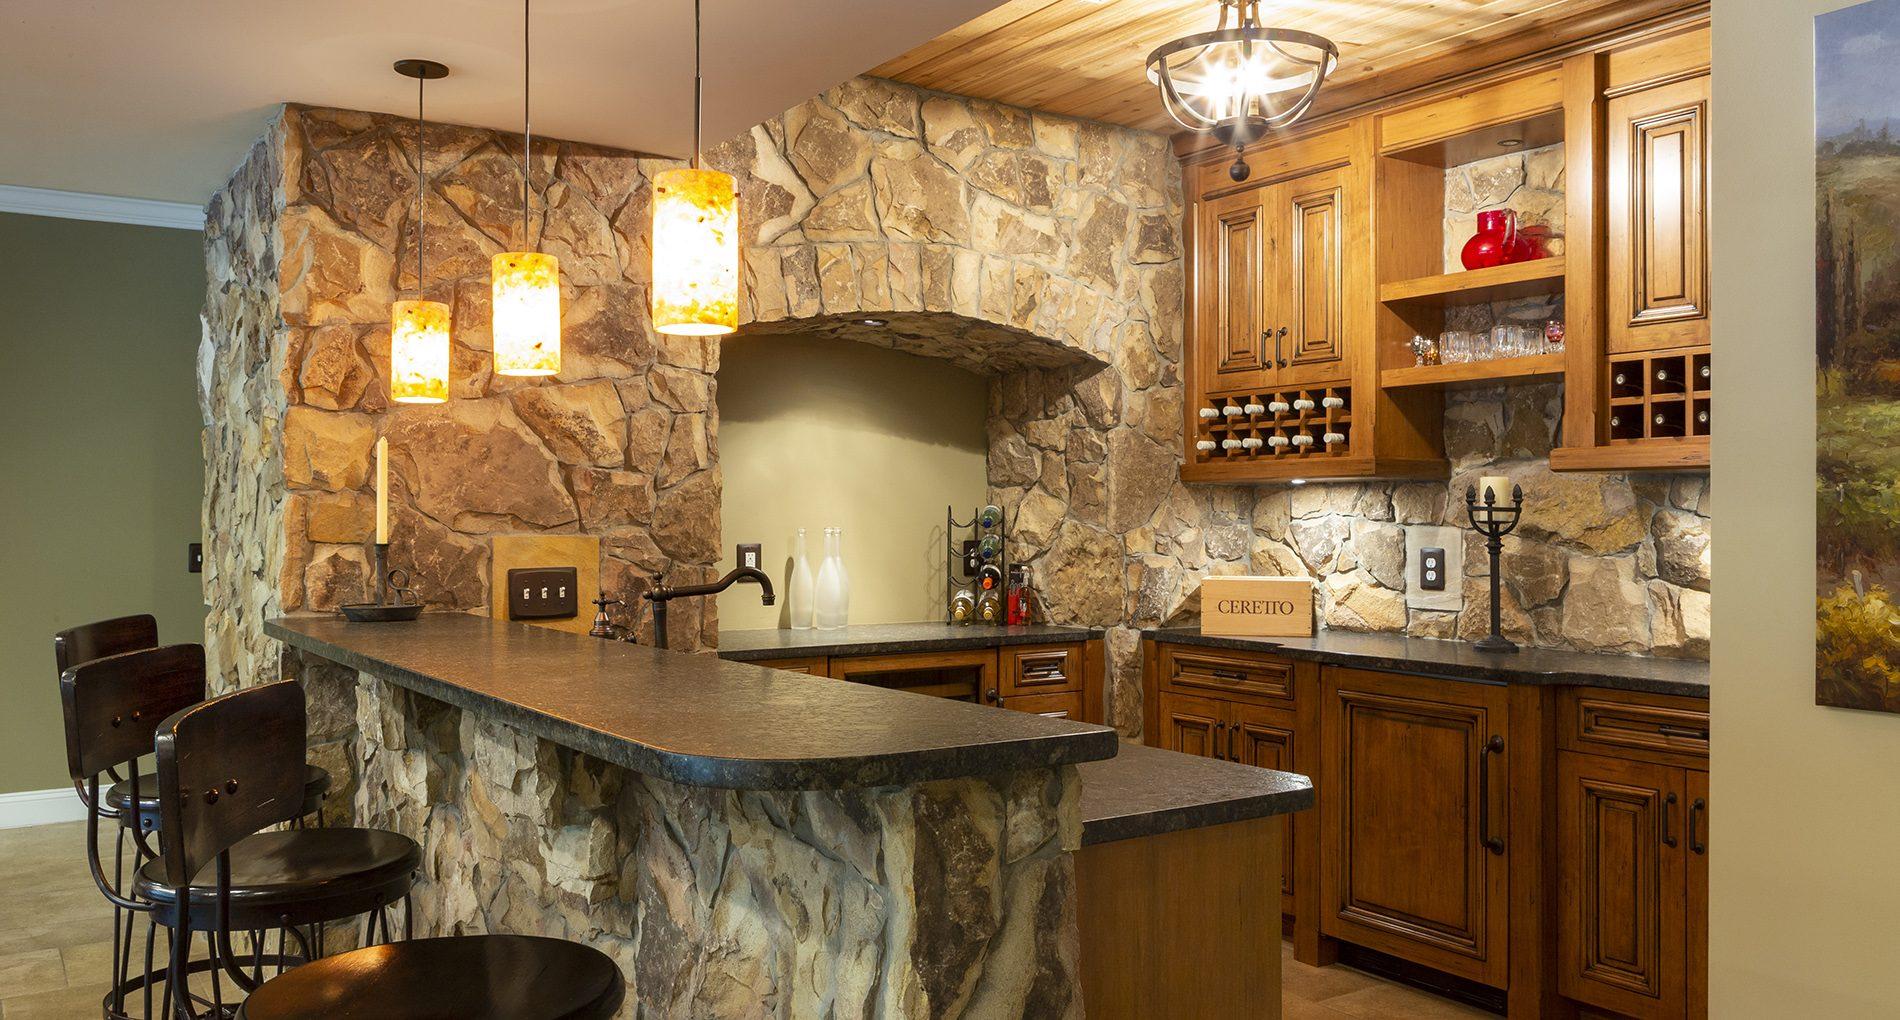 Kitchen Renovation Lakenorman Forsyth Slider